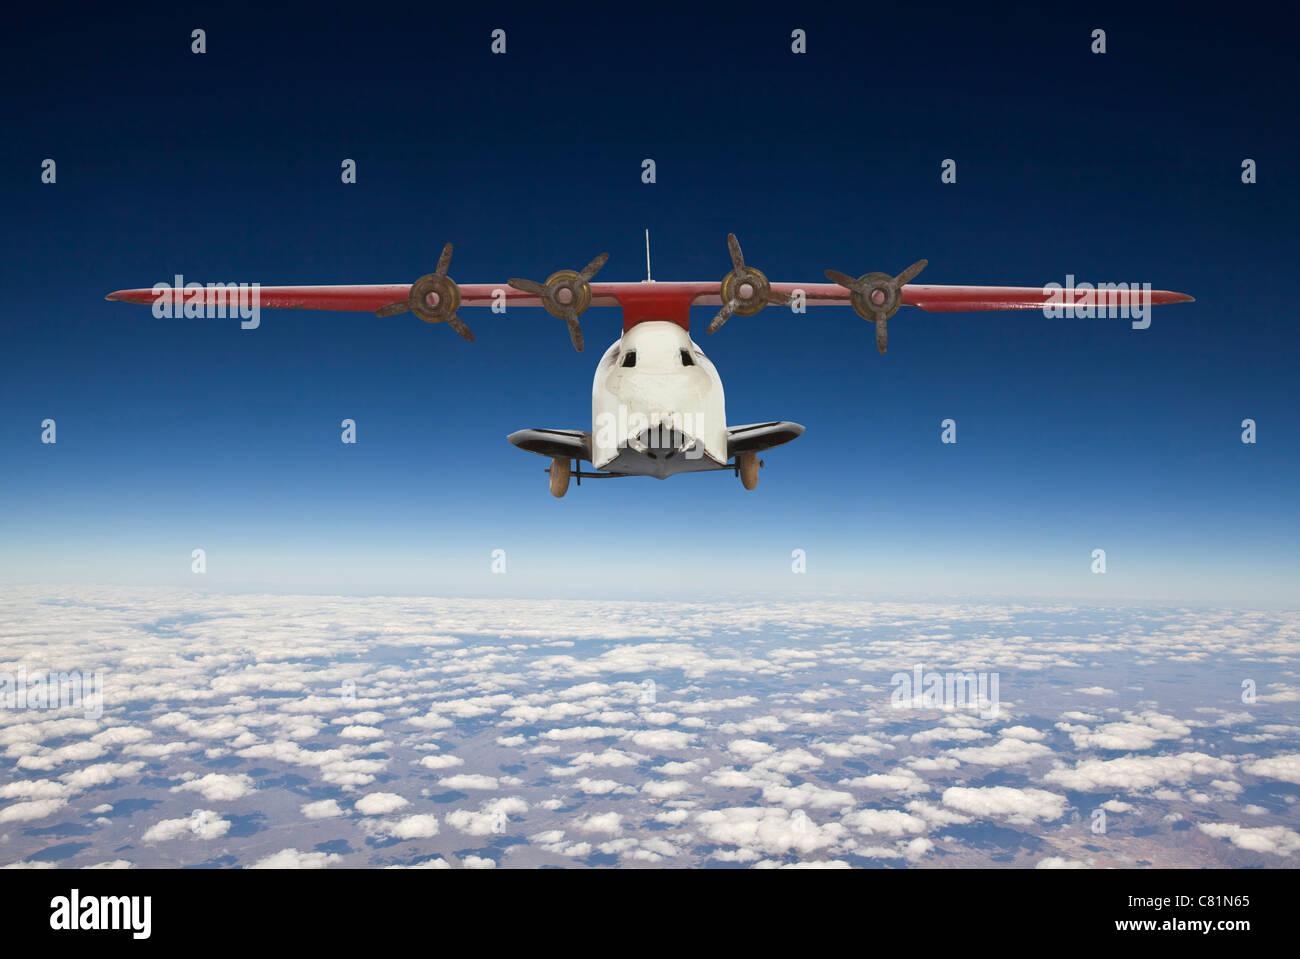 Vintage Spielzeugflugzeug mit Antenne Hintergrund blauer Himmel. Stockbild